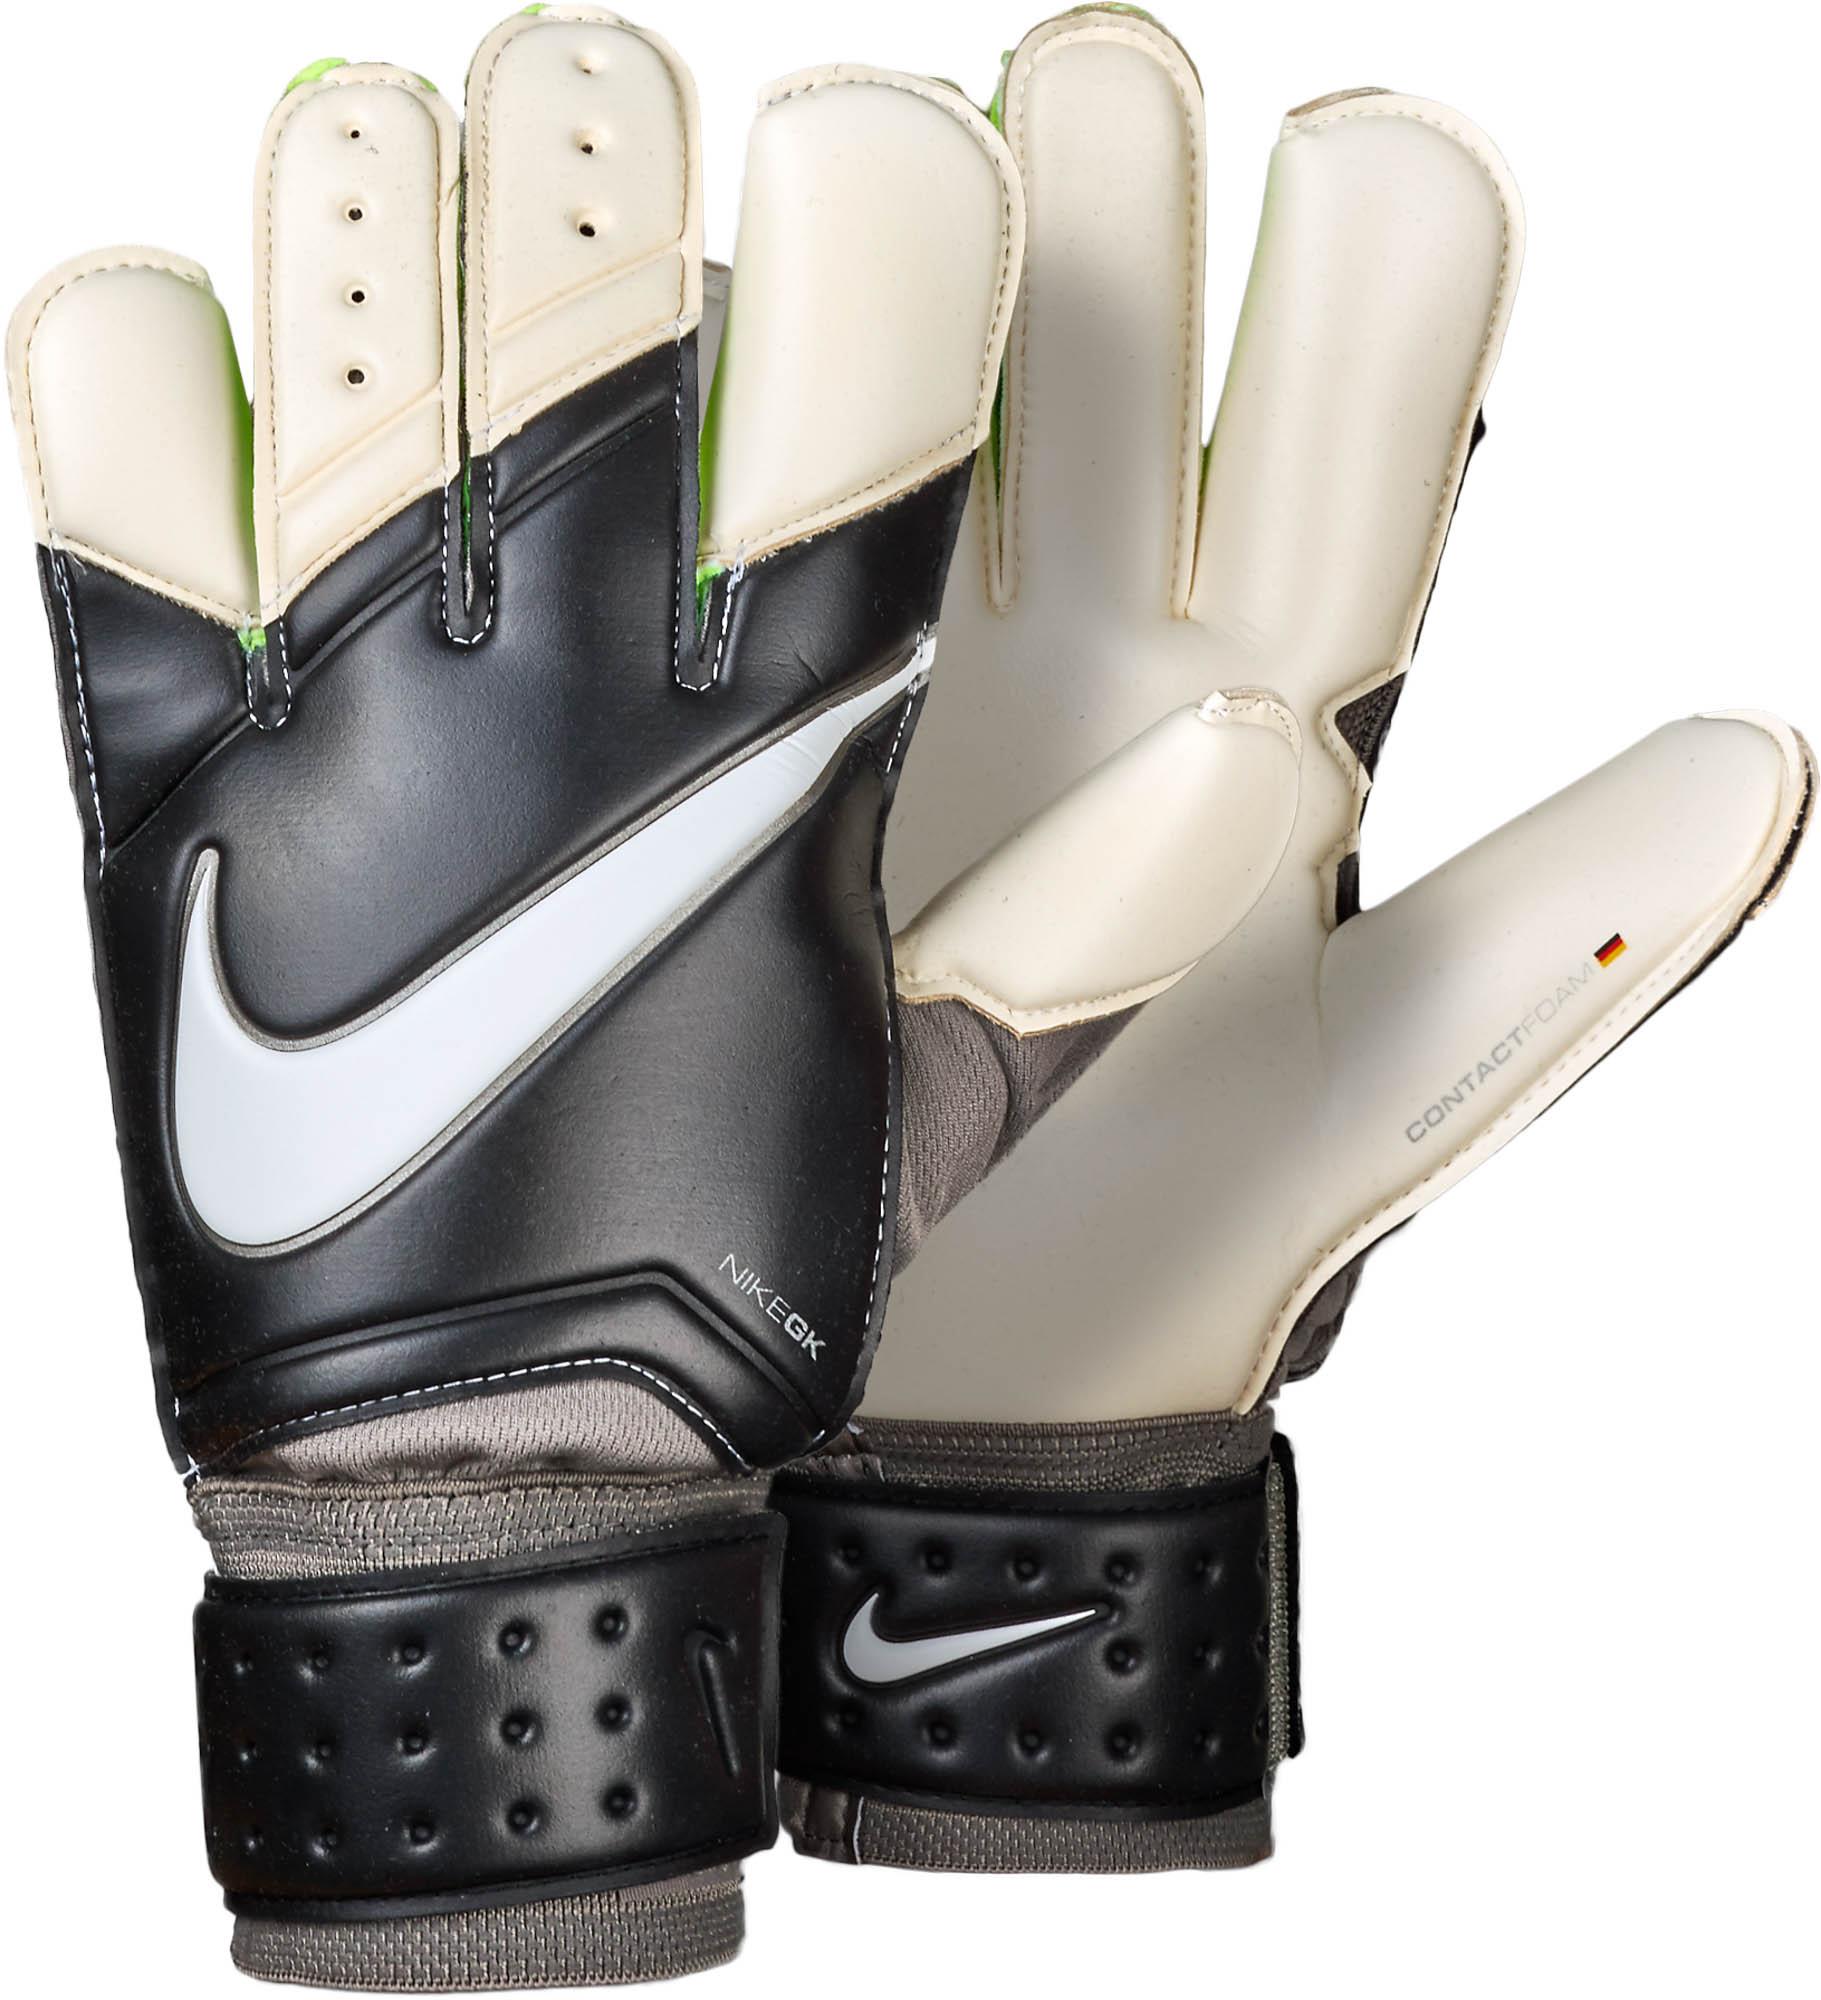 Nike Vapor Grip 3 Goalkeeper Gloves - Black White - Soccer Master fbc5e52b7ab7